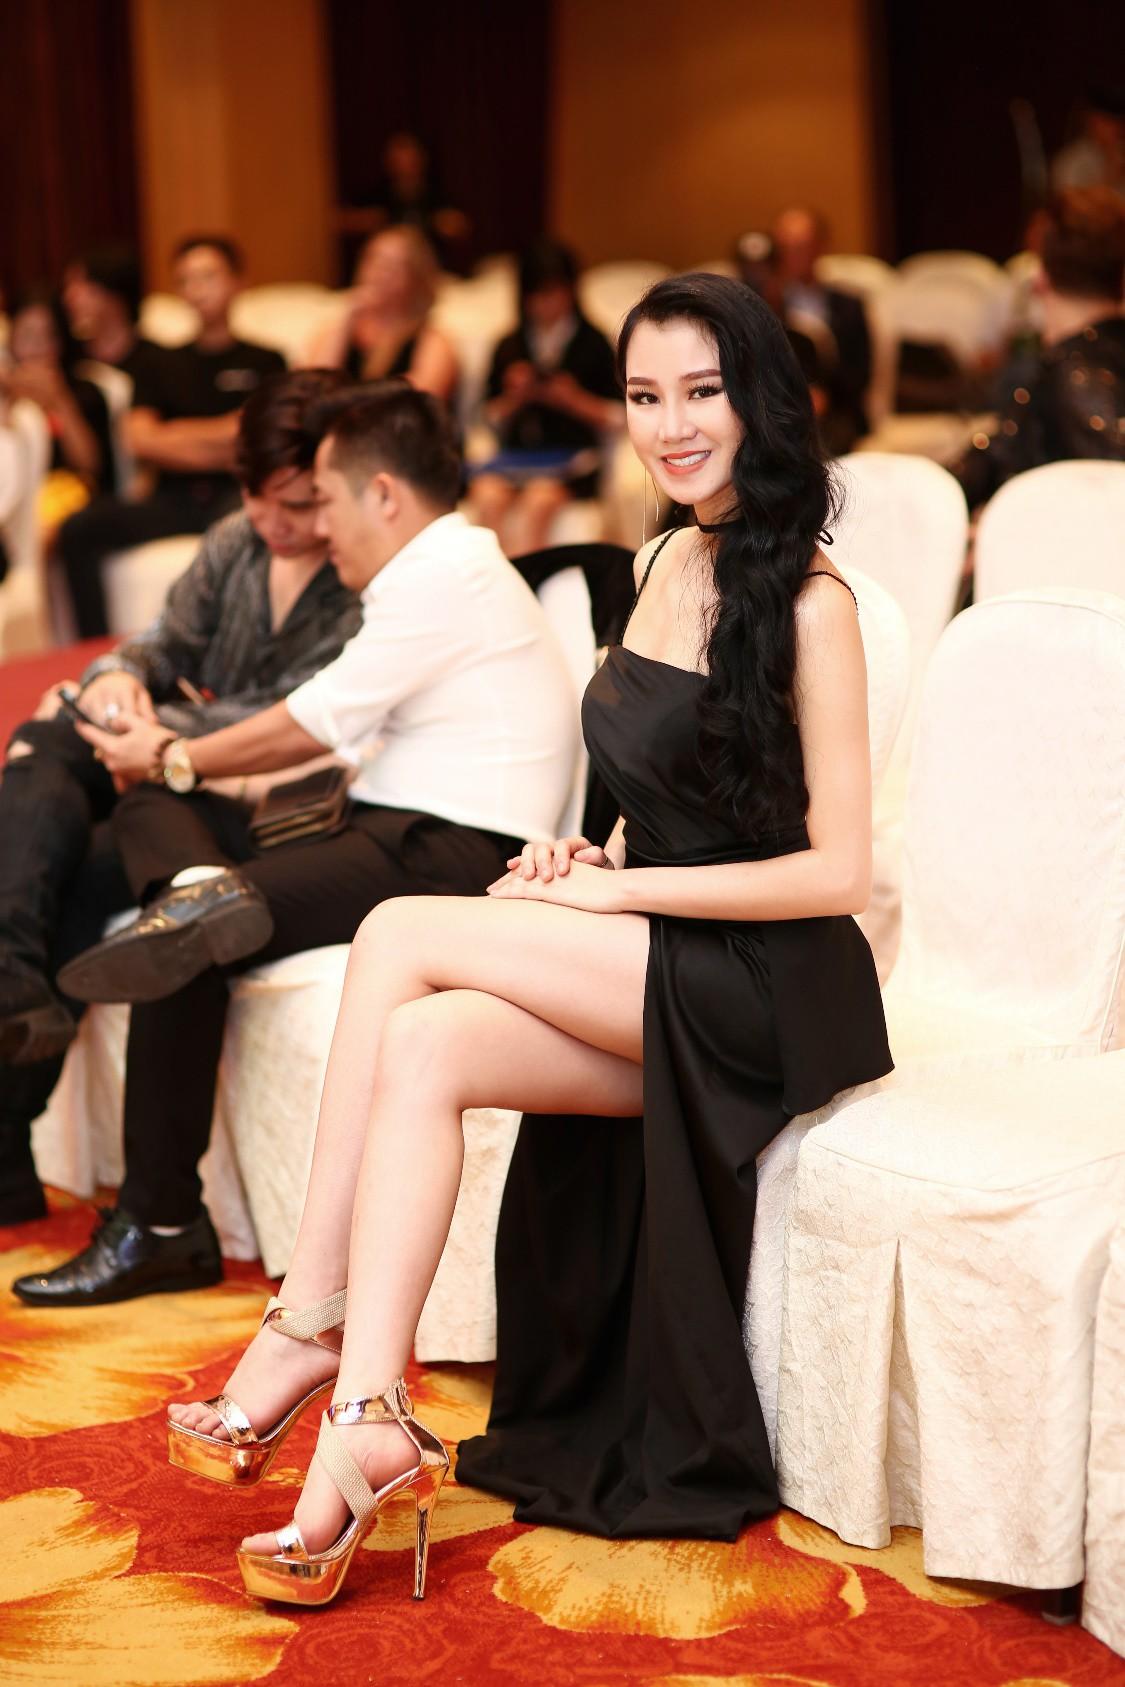 Gặp Phạm Lan Anh, cô gái mang ba dòng máu Việt - Trung – Nhật tốt nghiệp loại giỏi Thạc sĩ Kinh tế tại Tokyo - Ảnh 3.